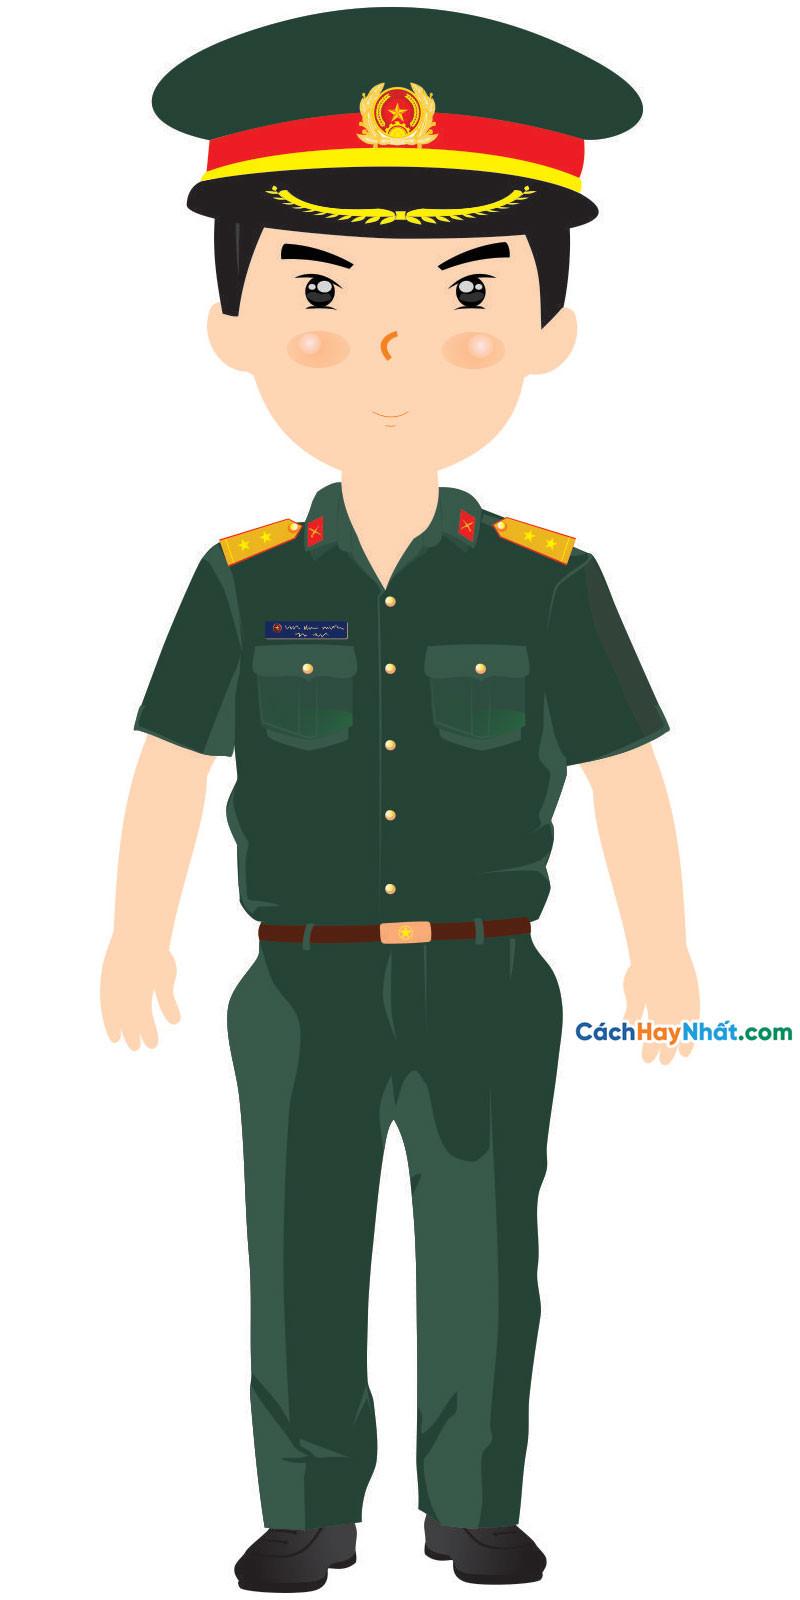 File Mockup Chibi Quân Đội, Công An, Cứu Hỏa COVID-19 Vector Corel